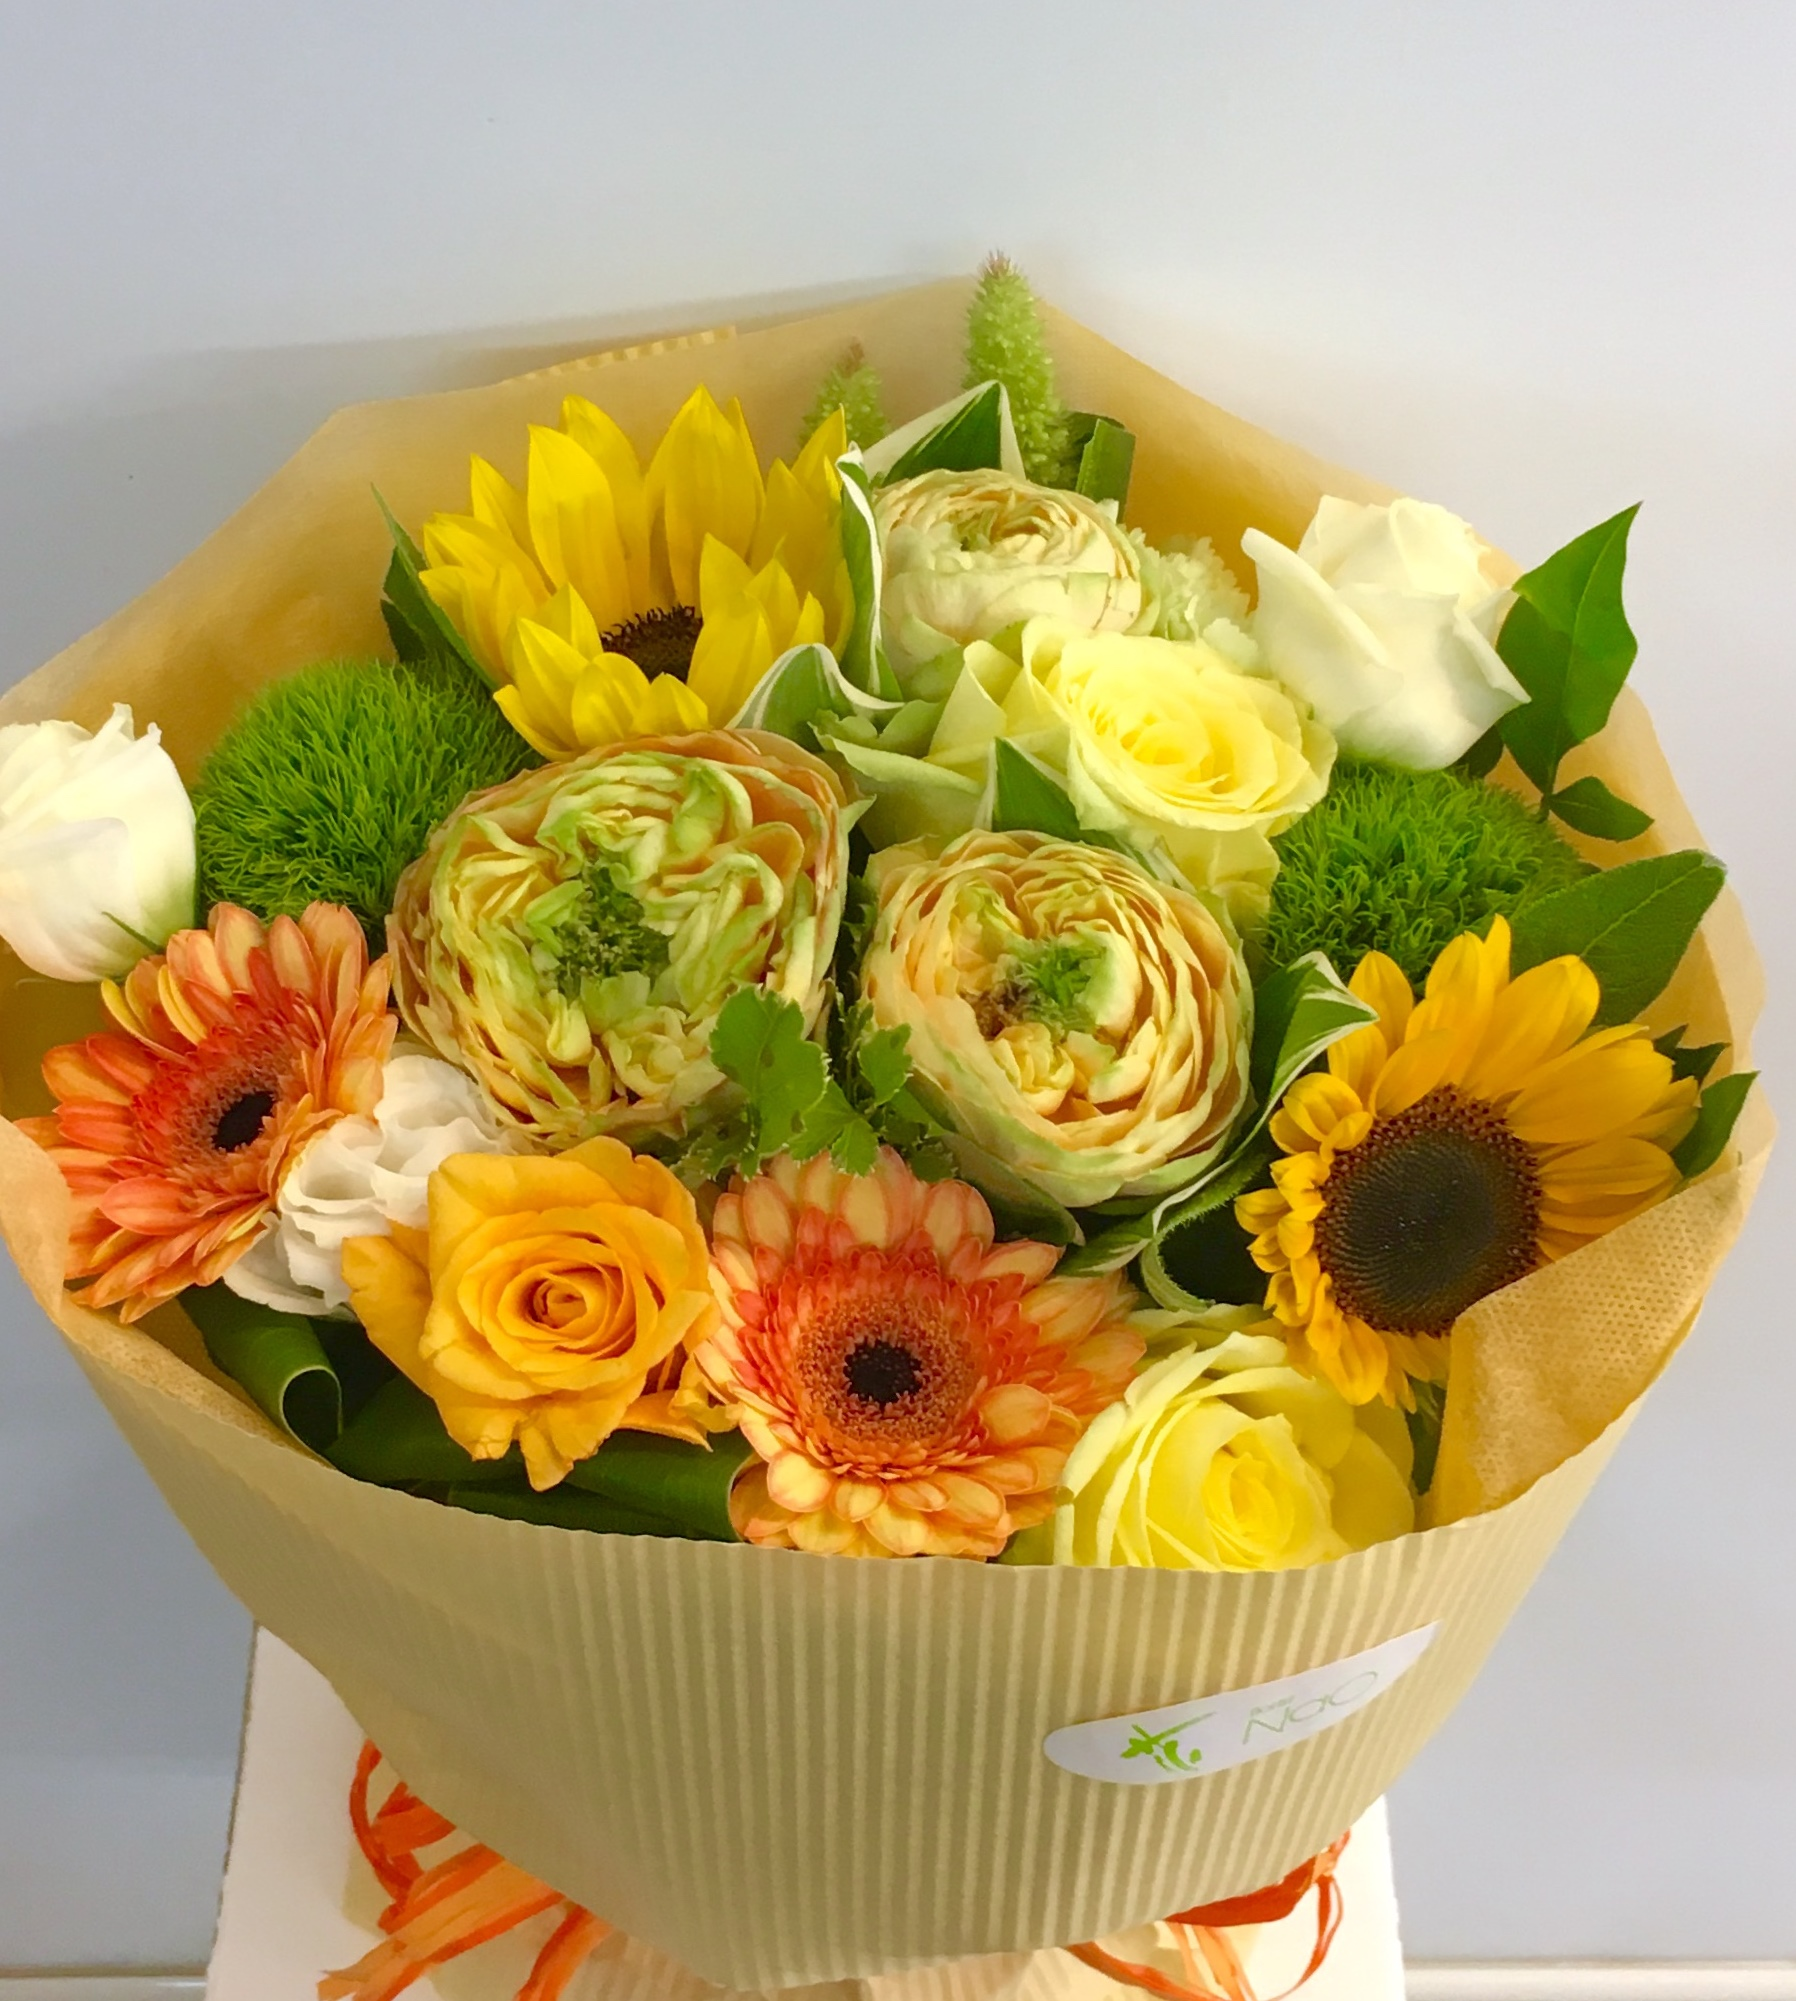 【ナオ花屋の納品事例55】横浜市関内の法人企業様へ胡蝶蘭を配達しました!